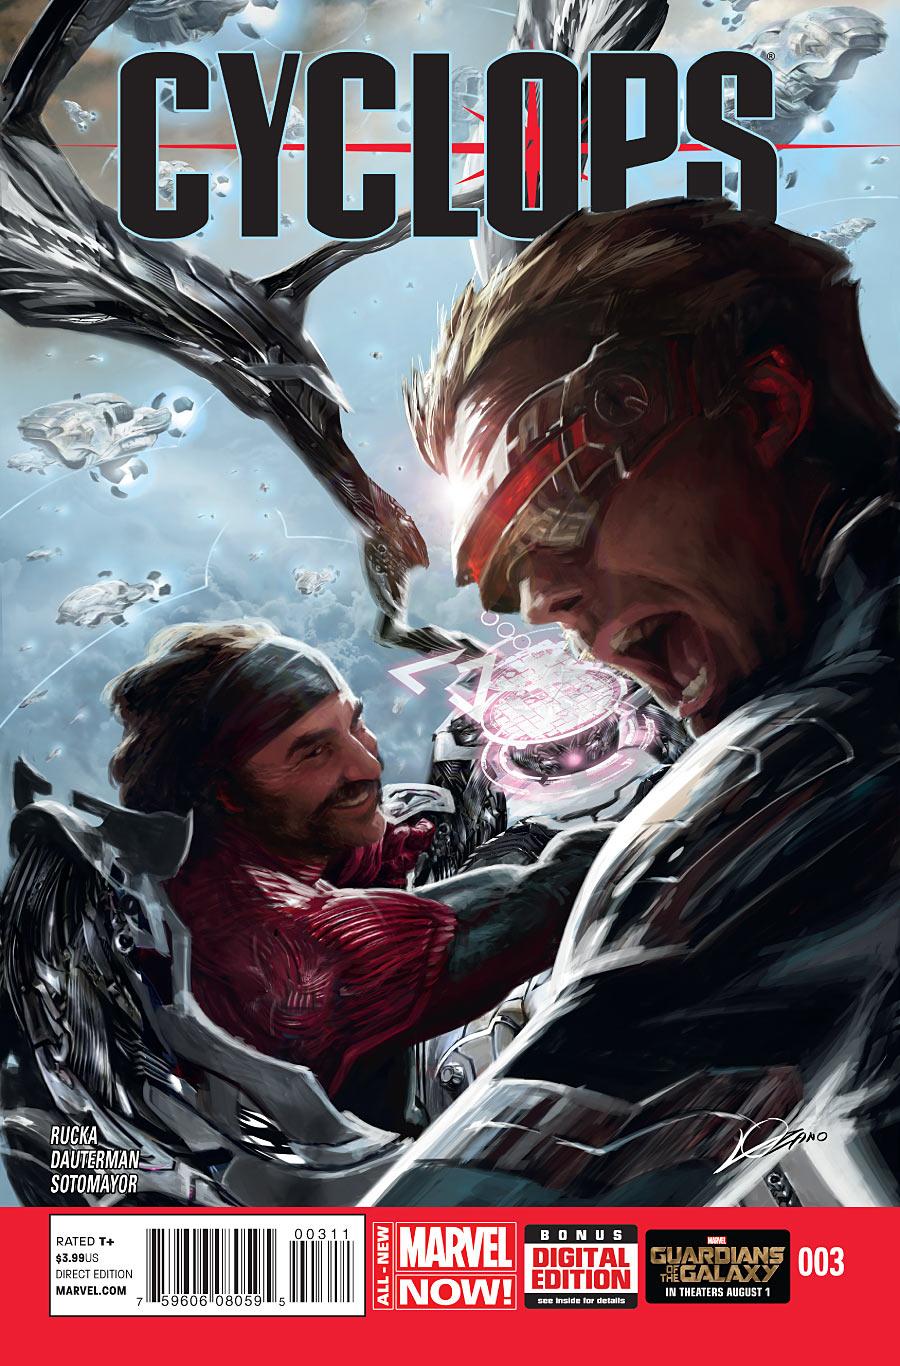 Cyclops Vol 3 3